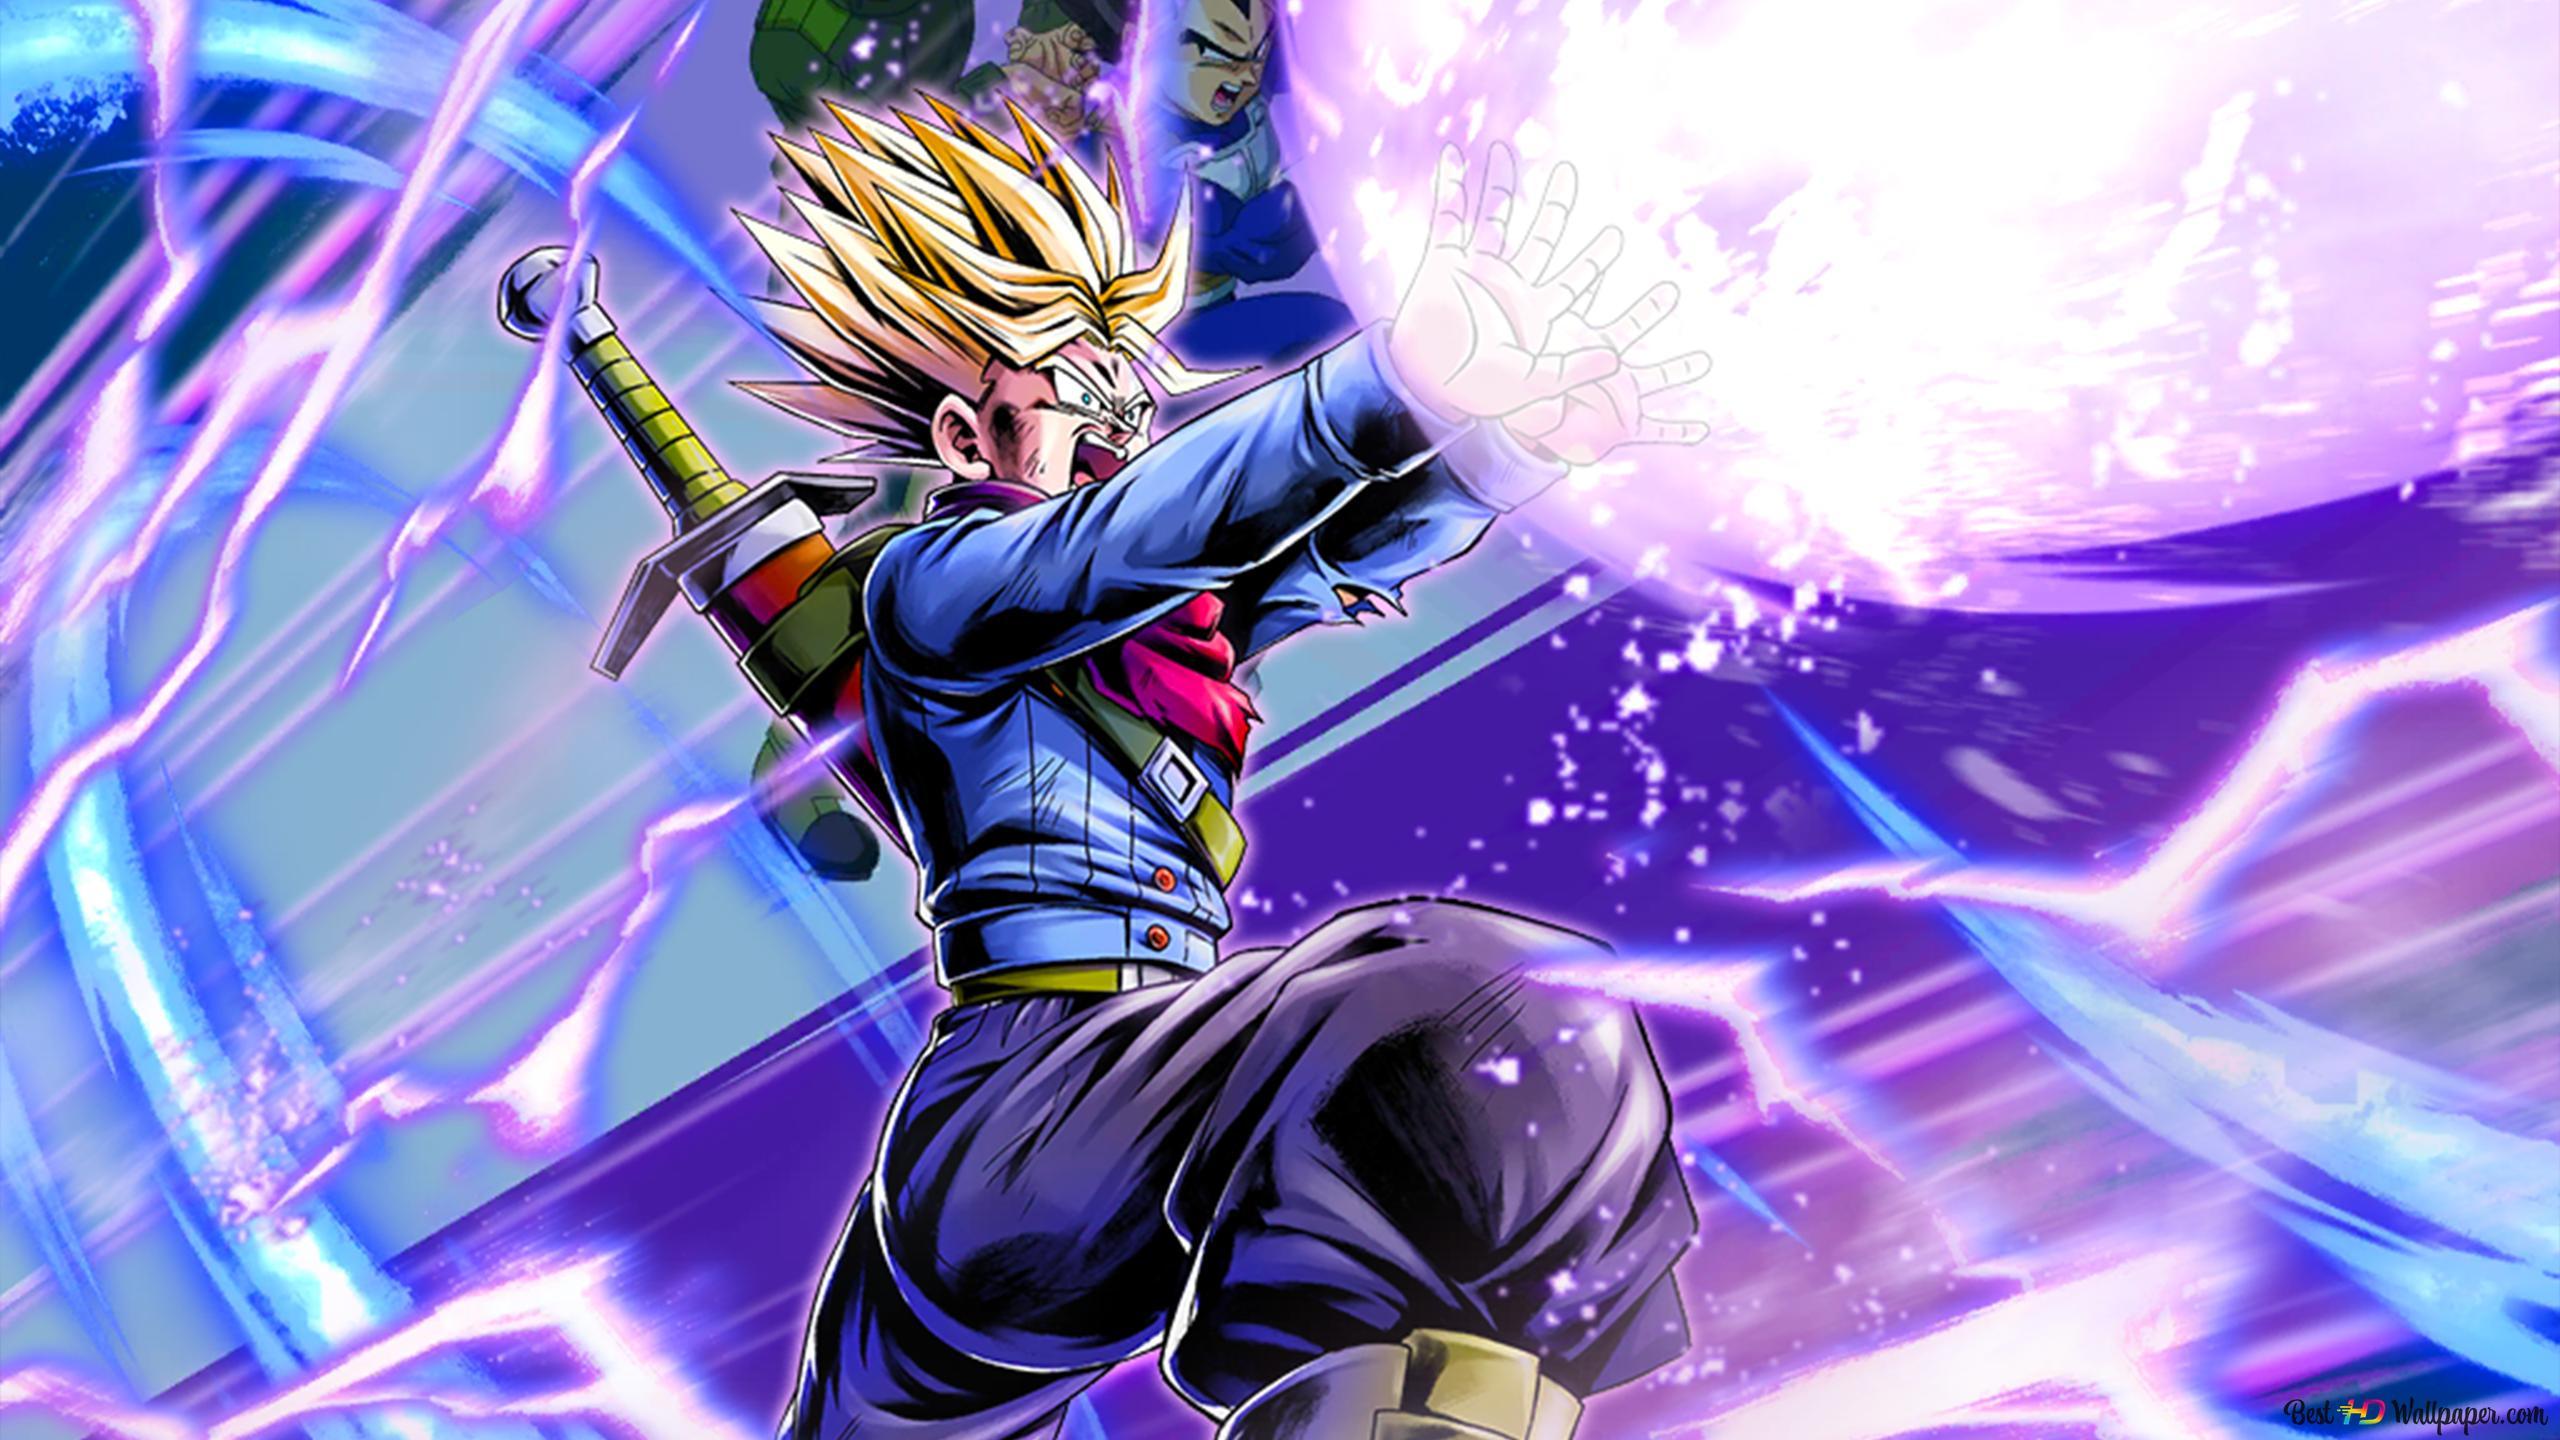 Super Saiyan Trunks (Galick Gun) từ Dragon Ball Super [Dragon Ball Legends  Arts] dành cho máy tính để bàn Tải xuống hình nền HD